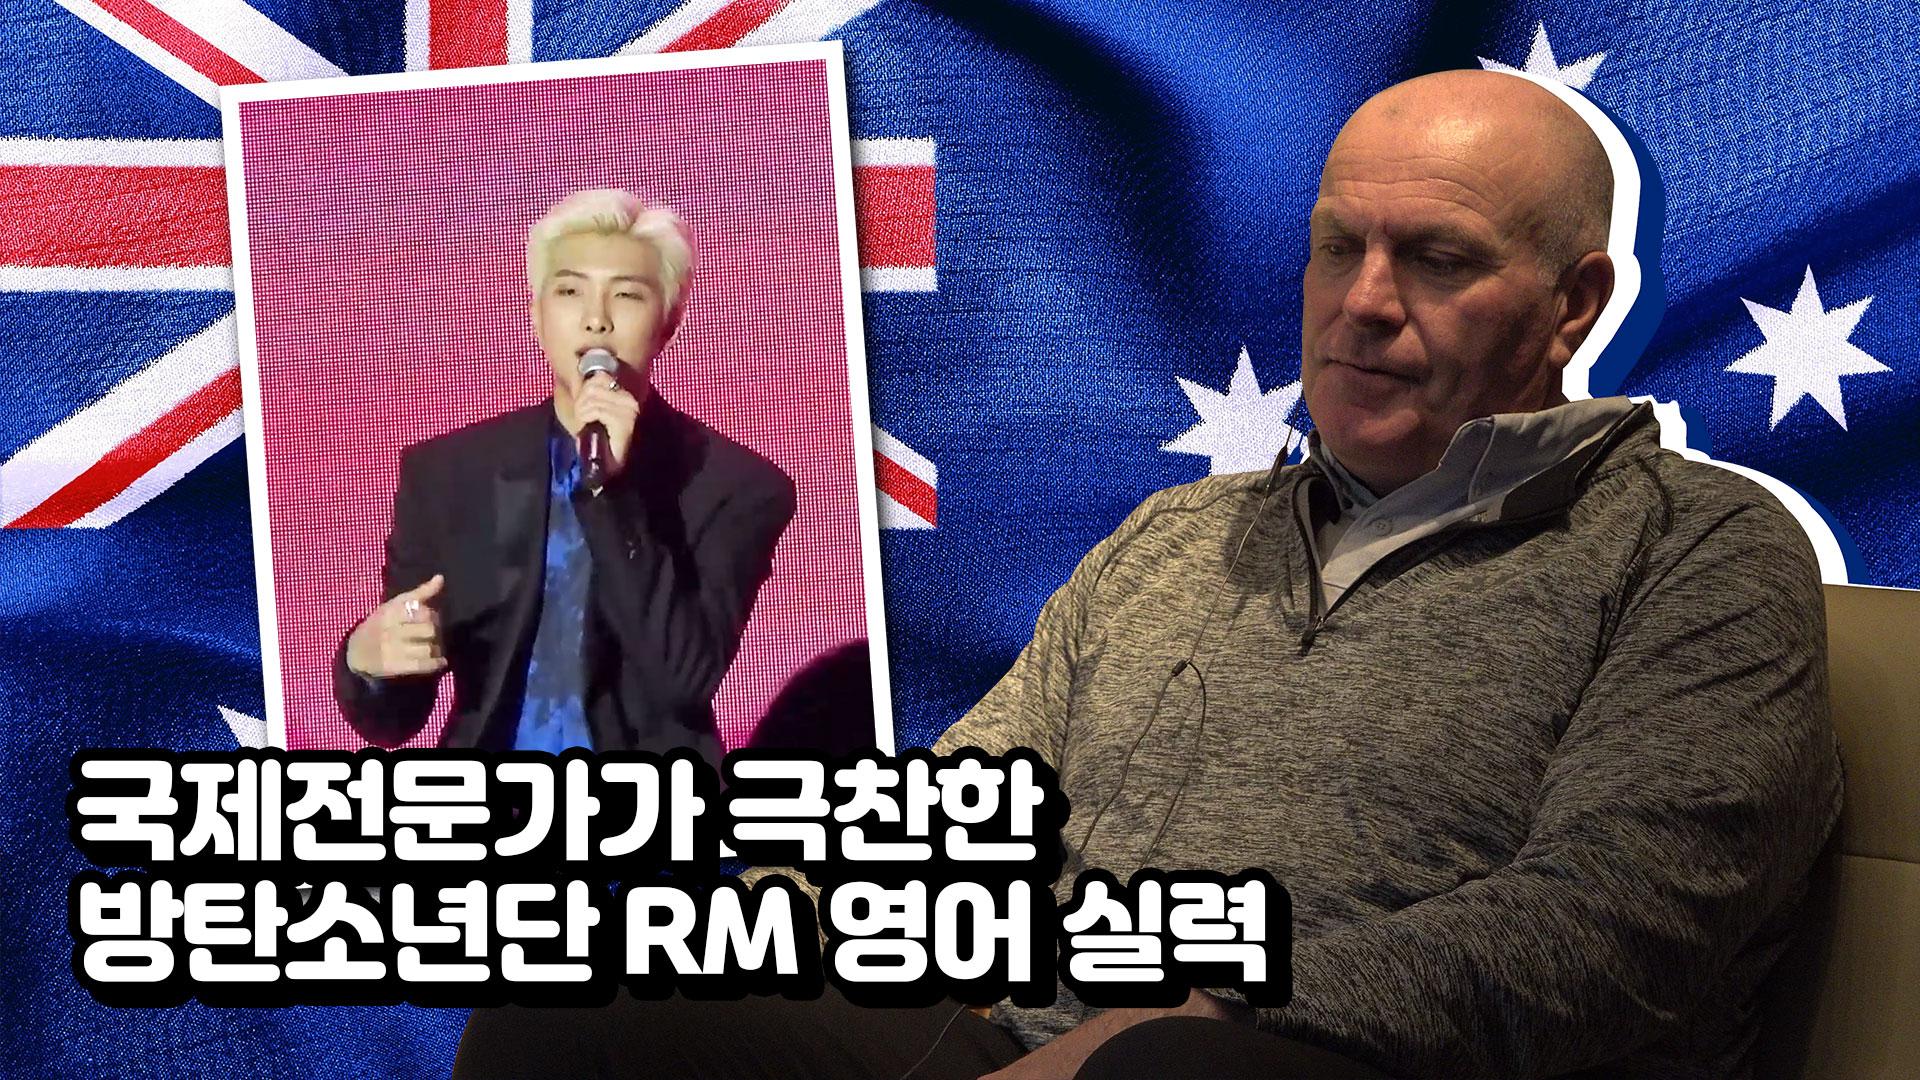 국제전문가가 극찬한 방탄소년단 RM 영어 실력.jpg